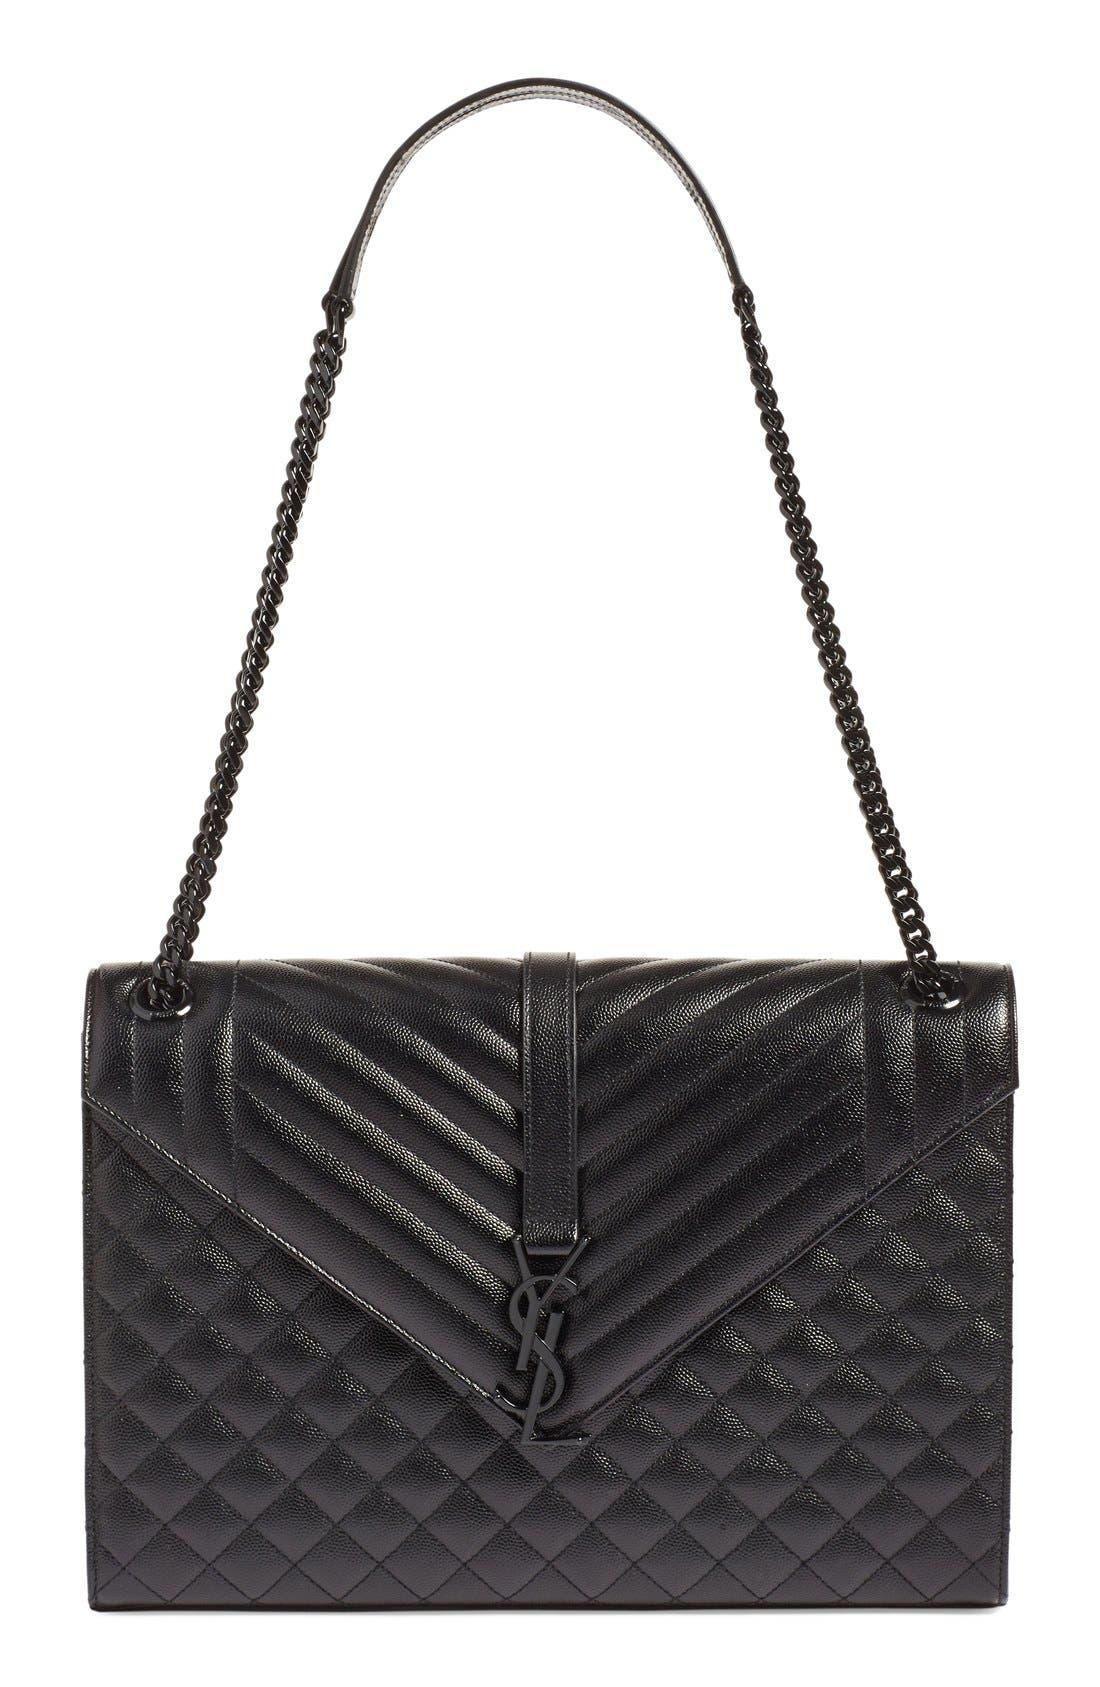 SAINT LAURENT, 'Medium Monogram' Chevron Quilted Leather Shoulder Bag, Main thumbnail 1, color, 001